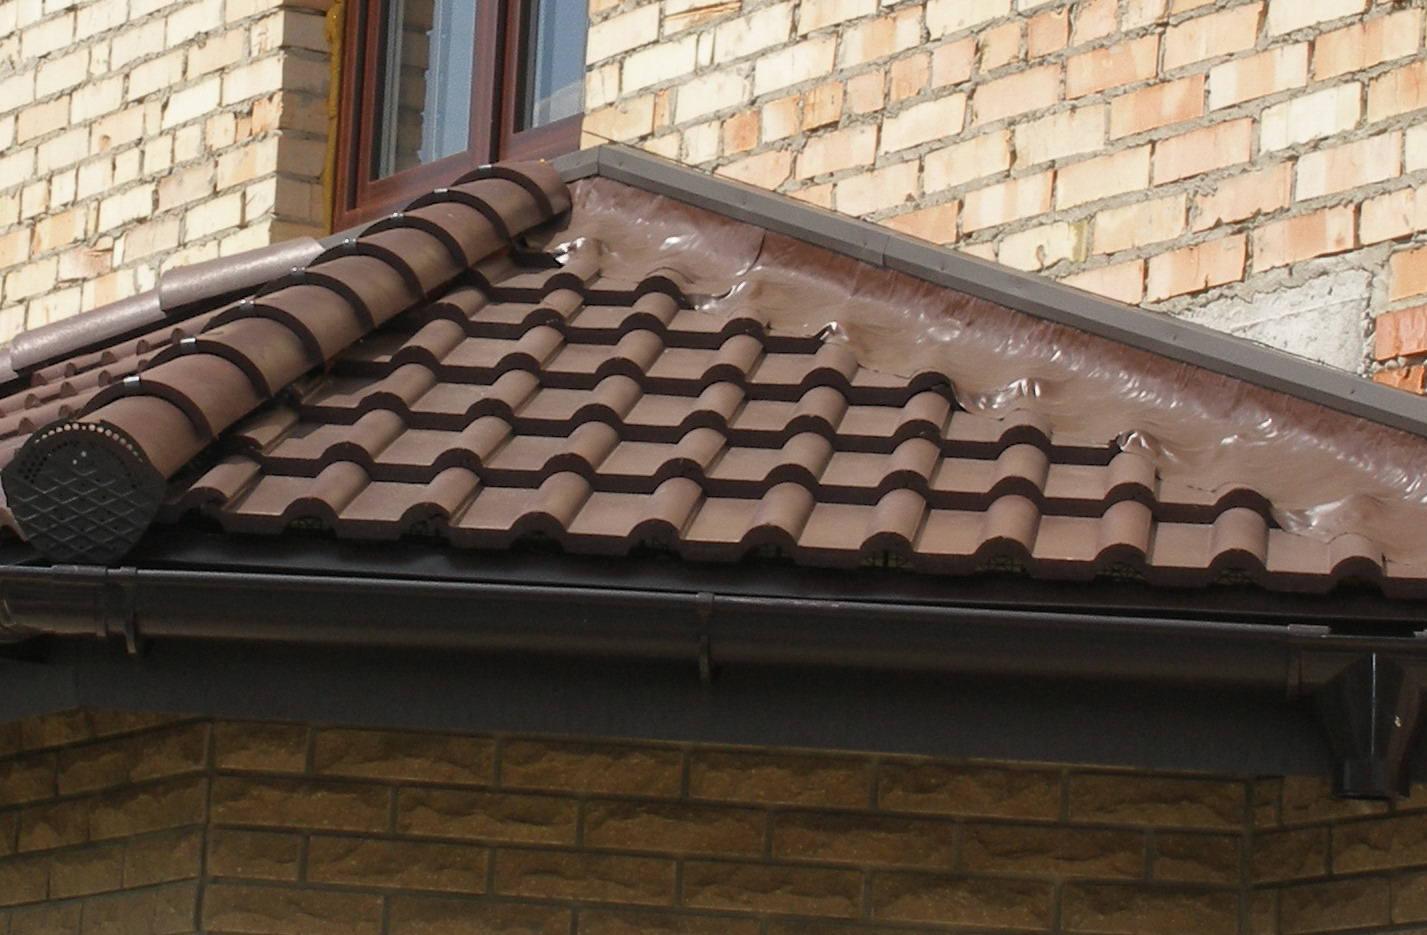 Планка примыкания верхняя и нижняя монтаж узла примыкания кровли к стене здания или дымоходу